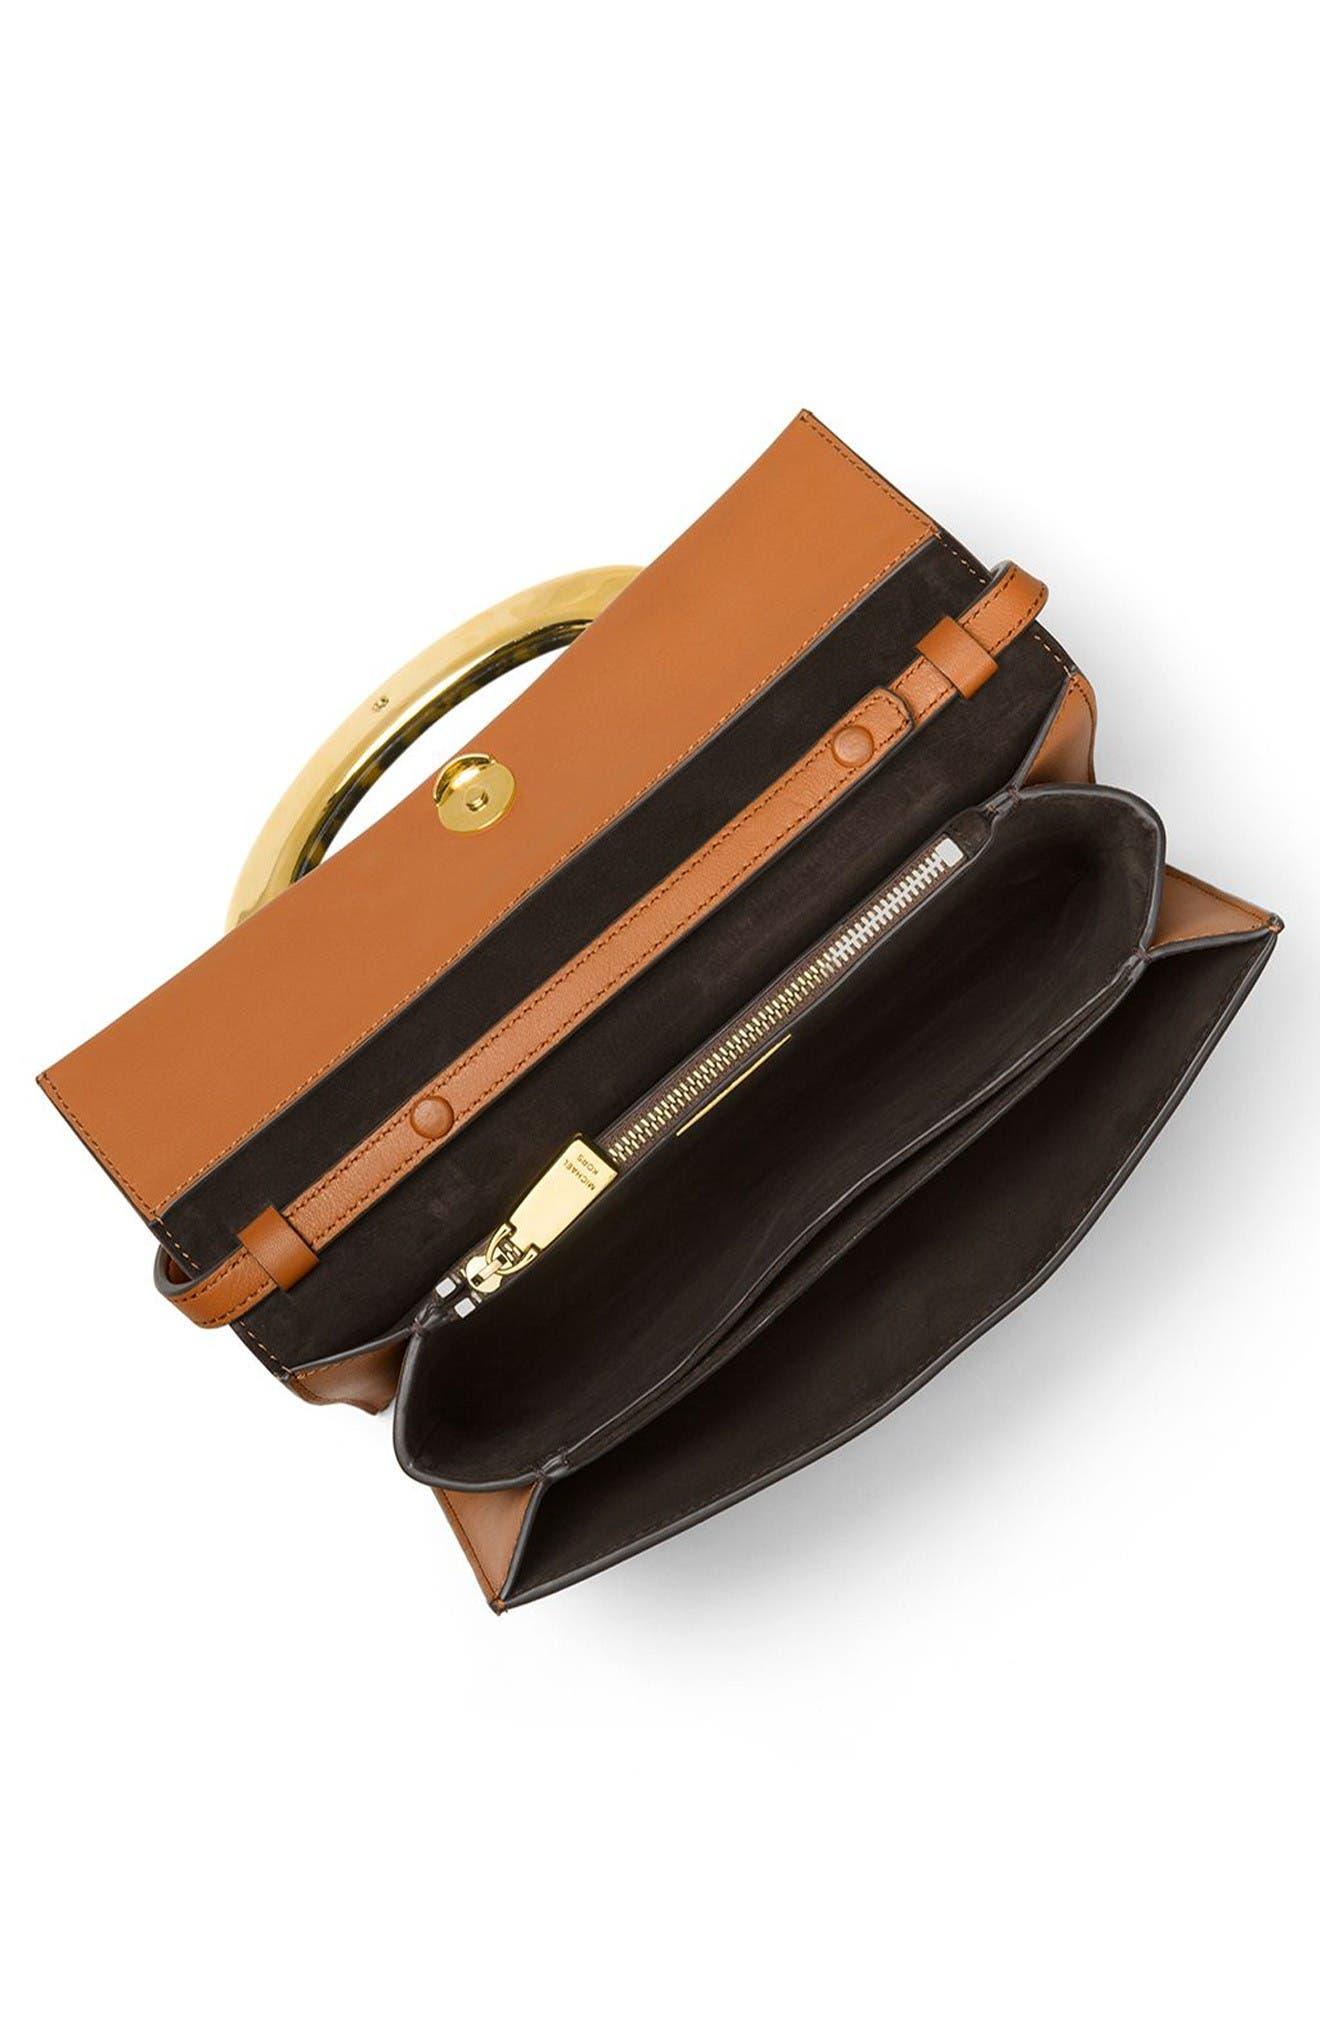 Alternate Image 2  - Michael Kors Baxter Calfskin Leather Convertible Clutch